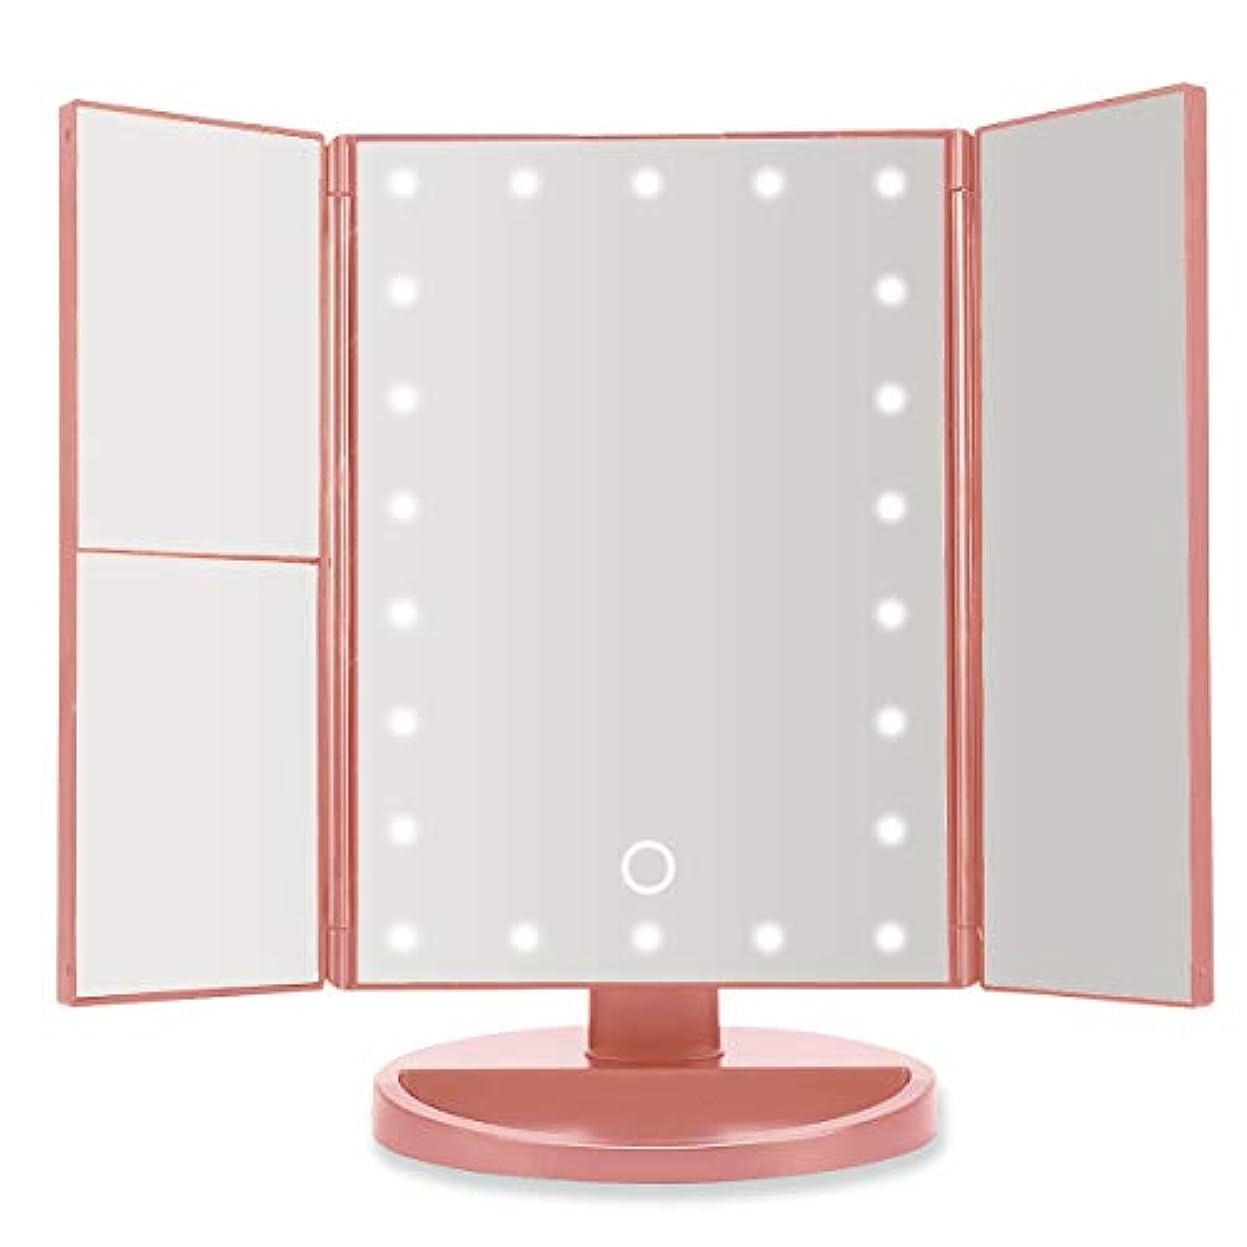 ラッドヤードキップリングマイク国旗22LED付き3面鏡卓上女優ミラー ピンク